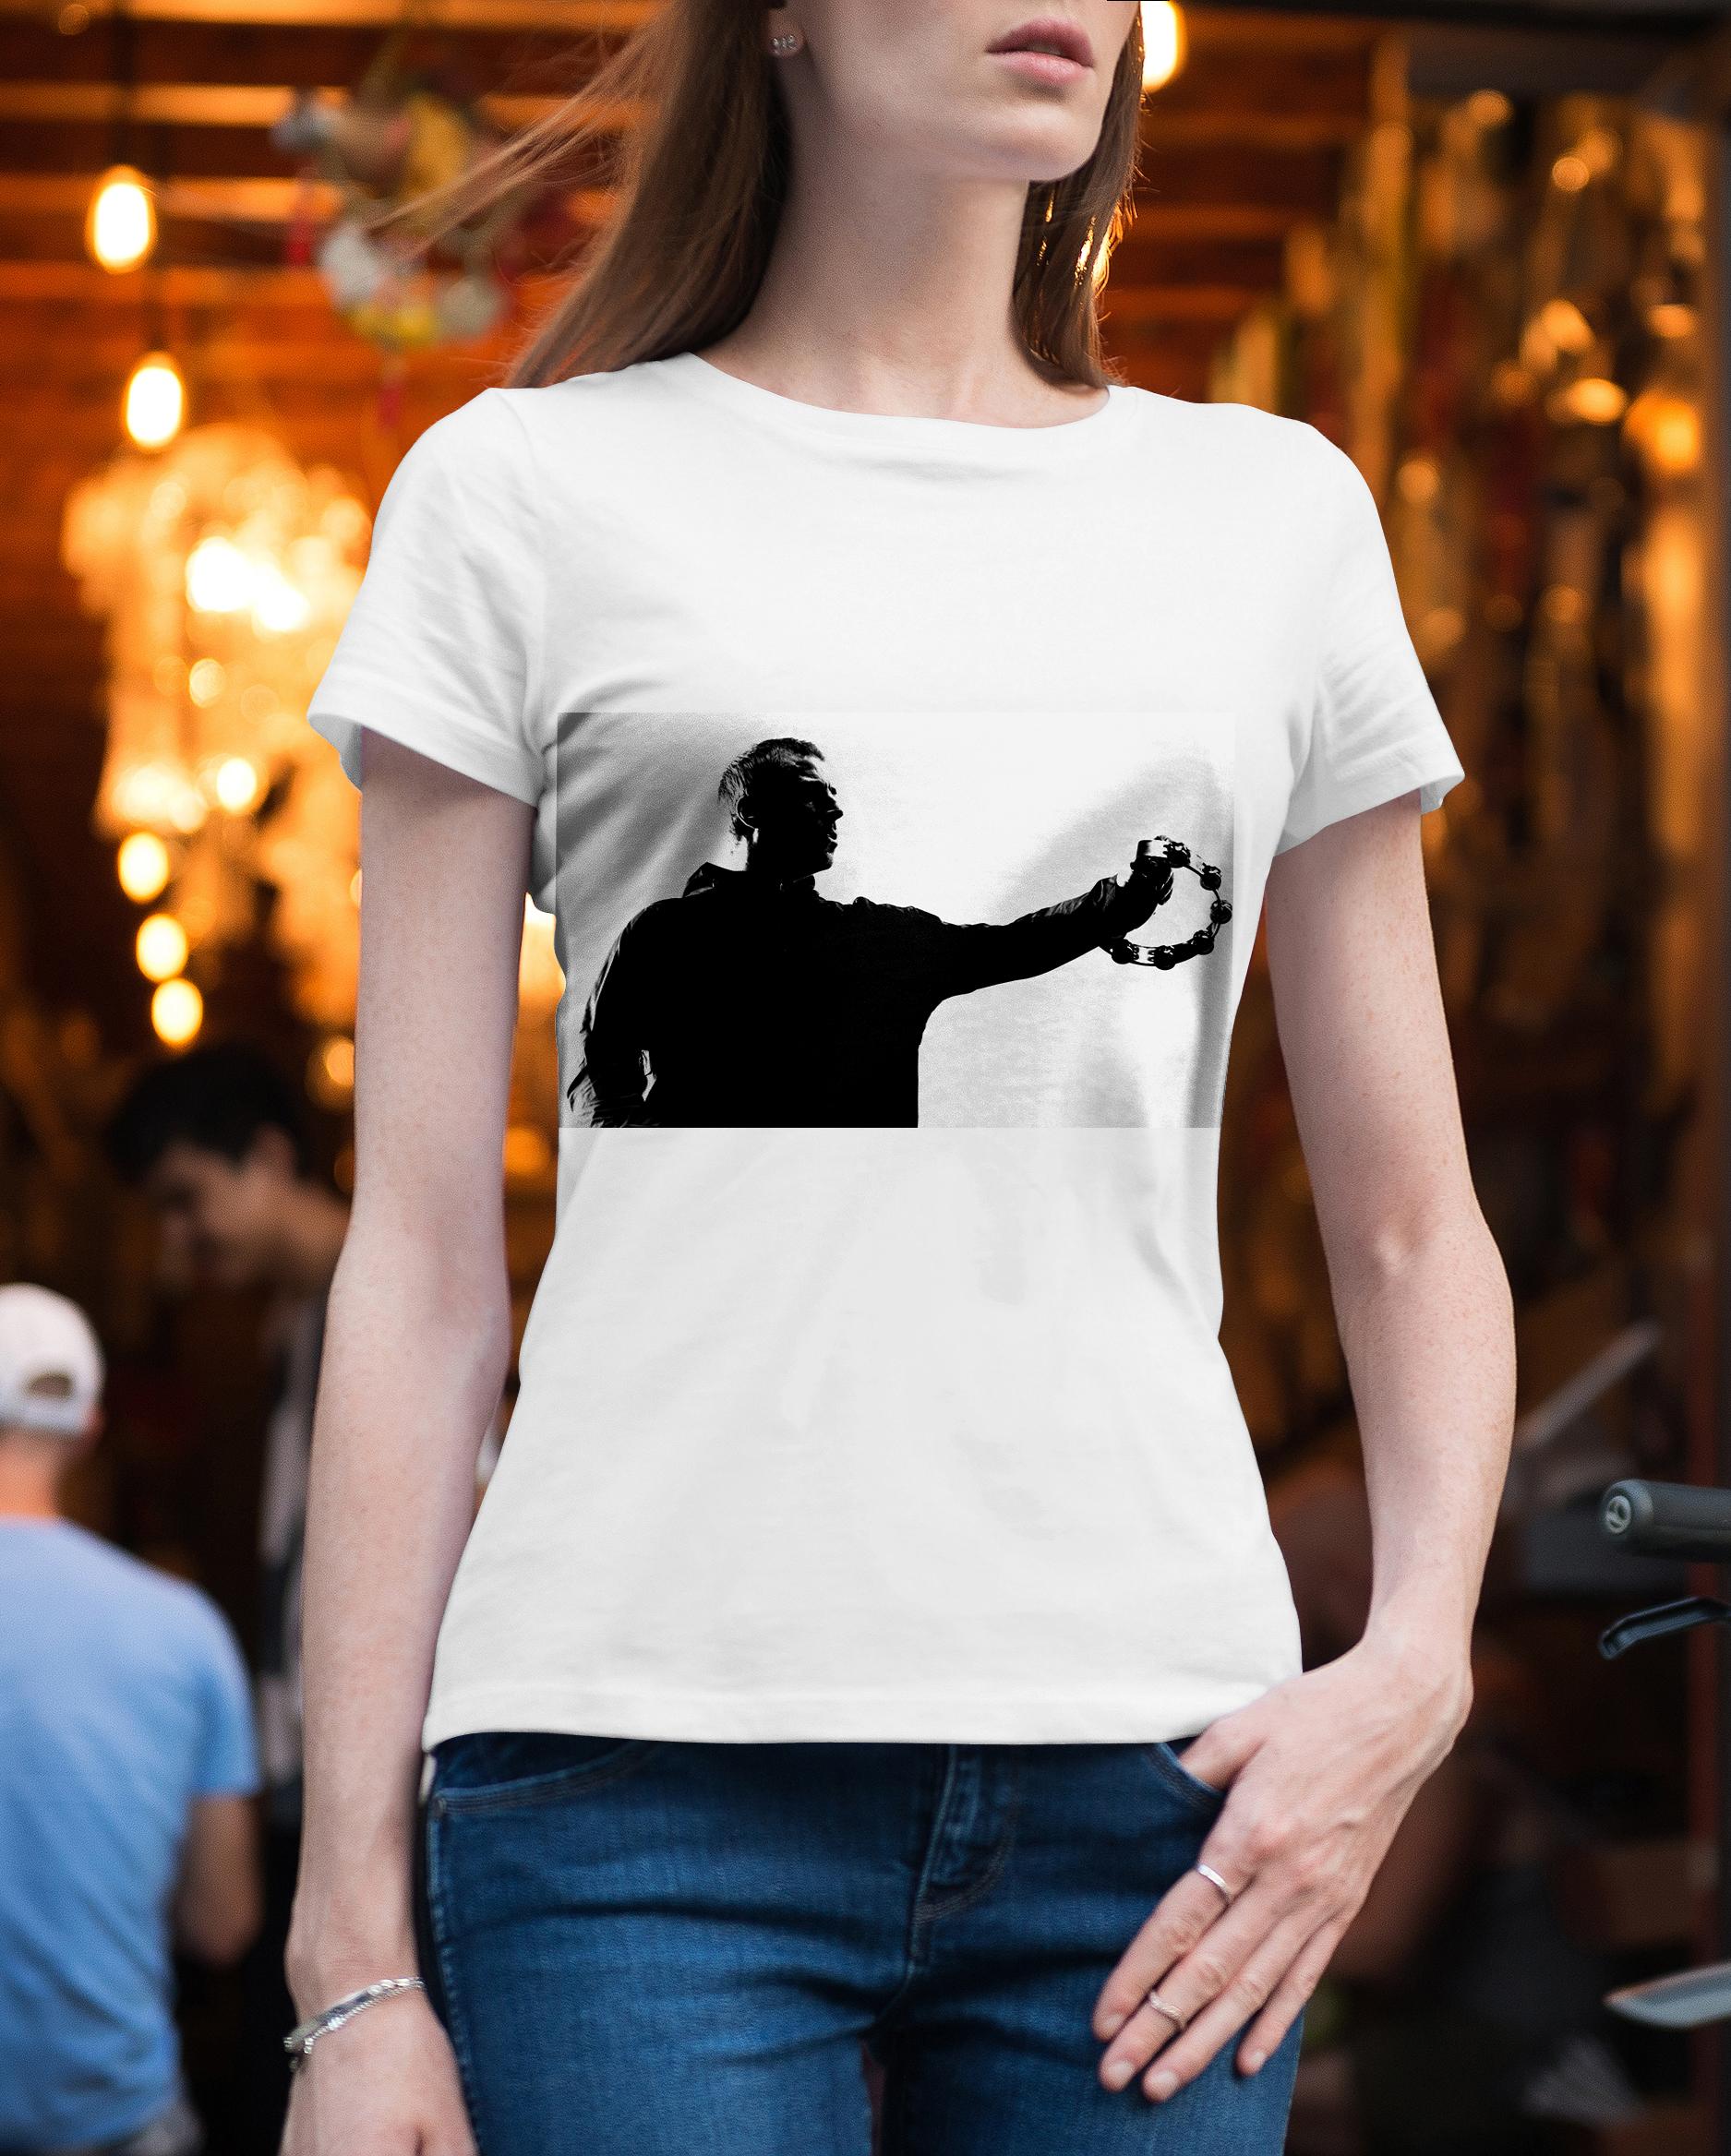 Womens Liam Gallagher tshirt